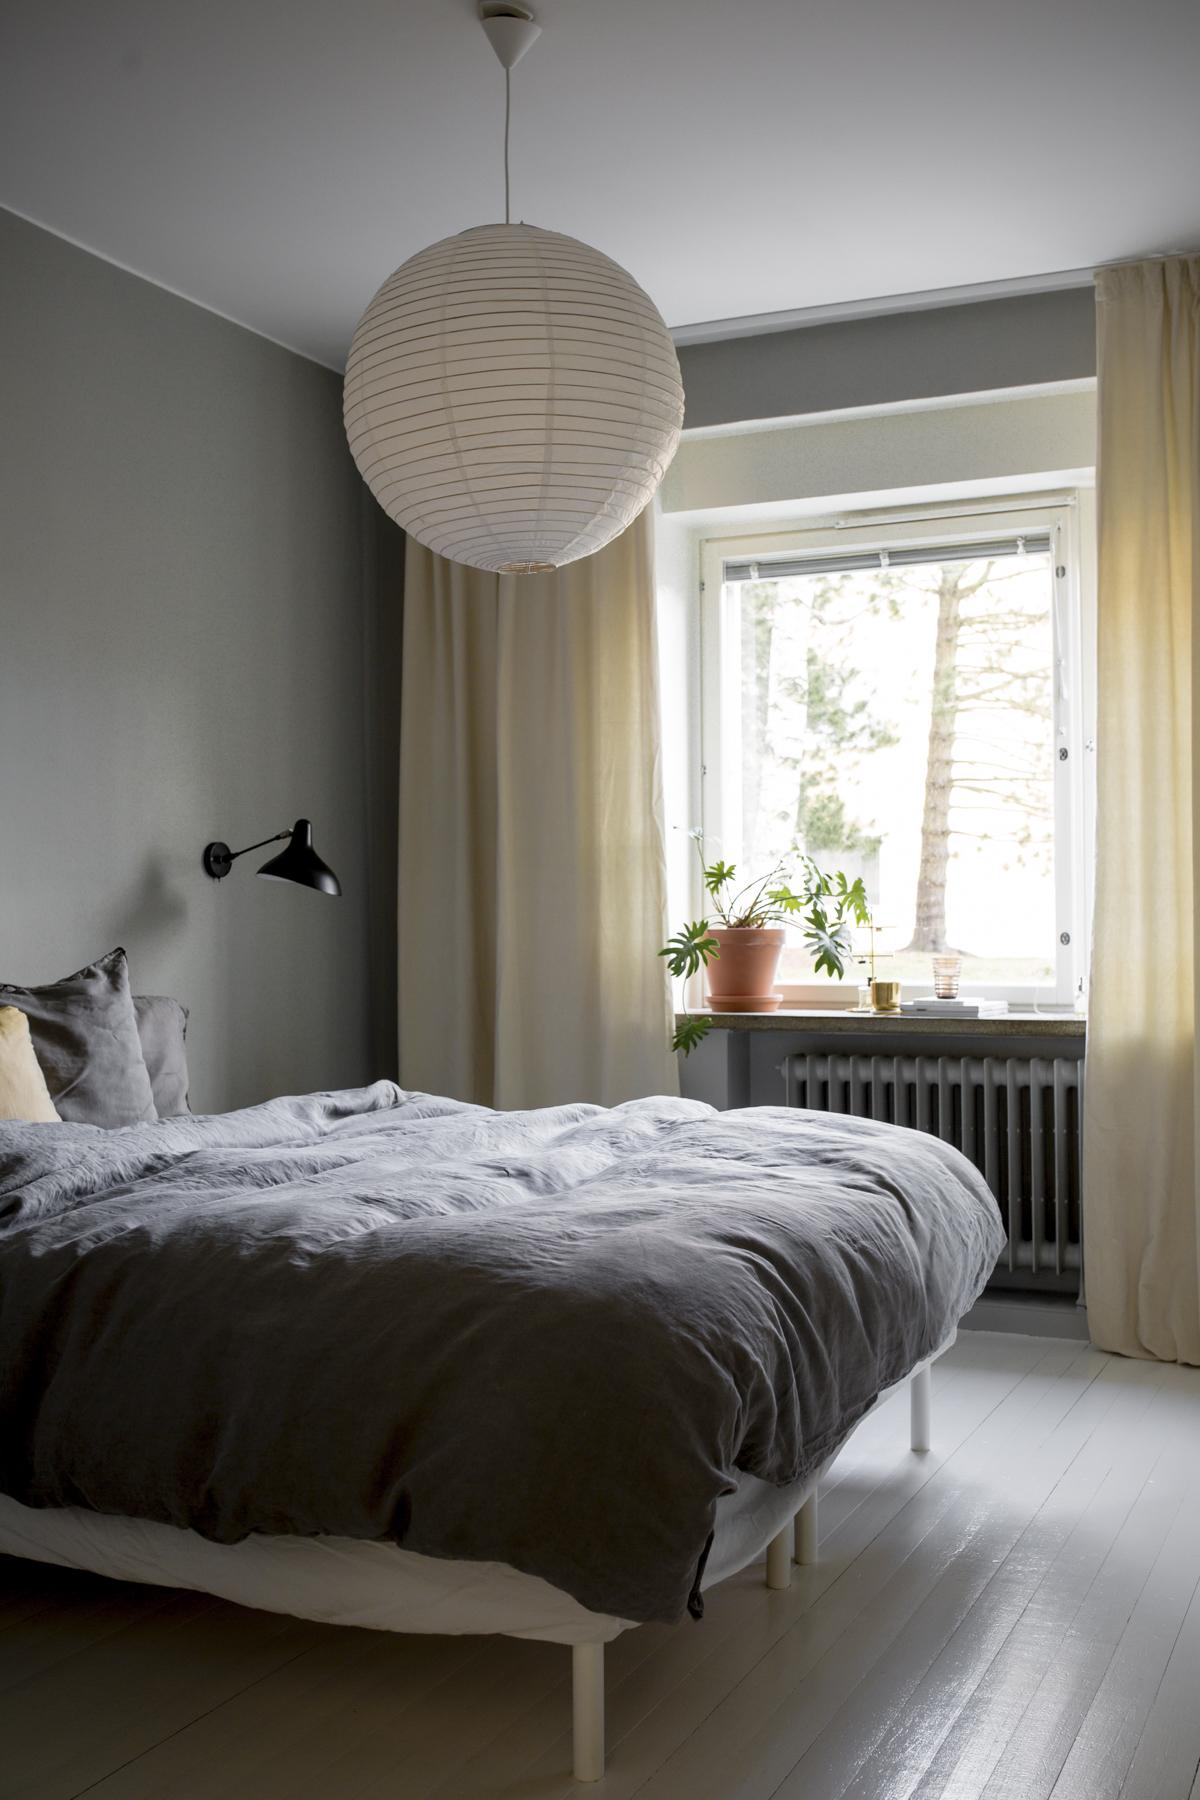 Kokemuksia Ikean sängyistä